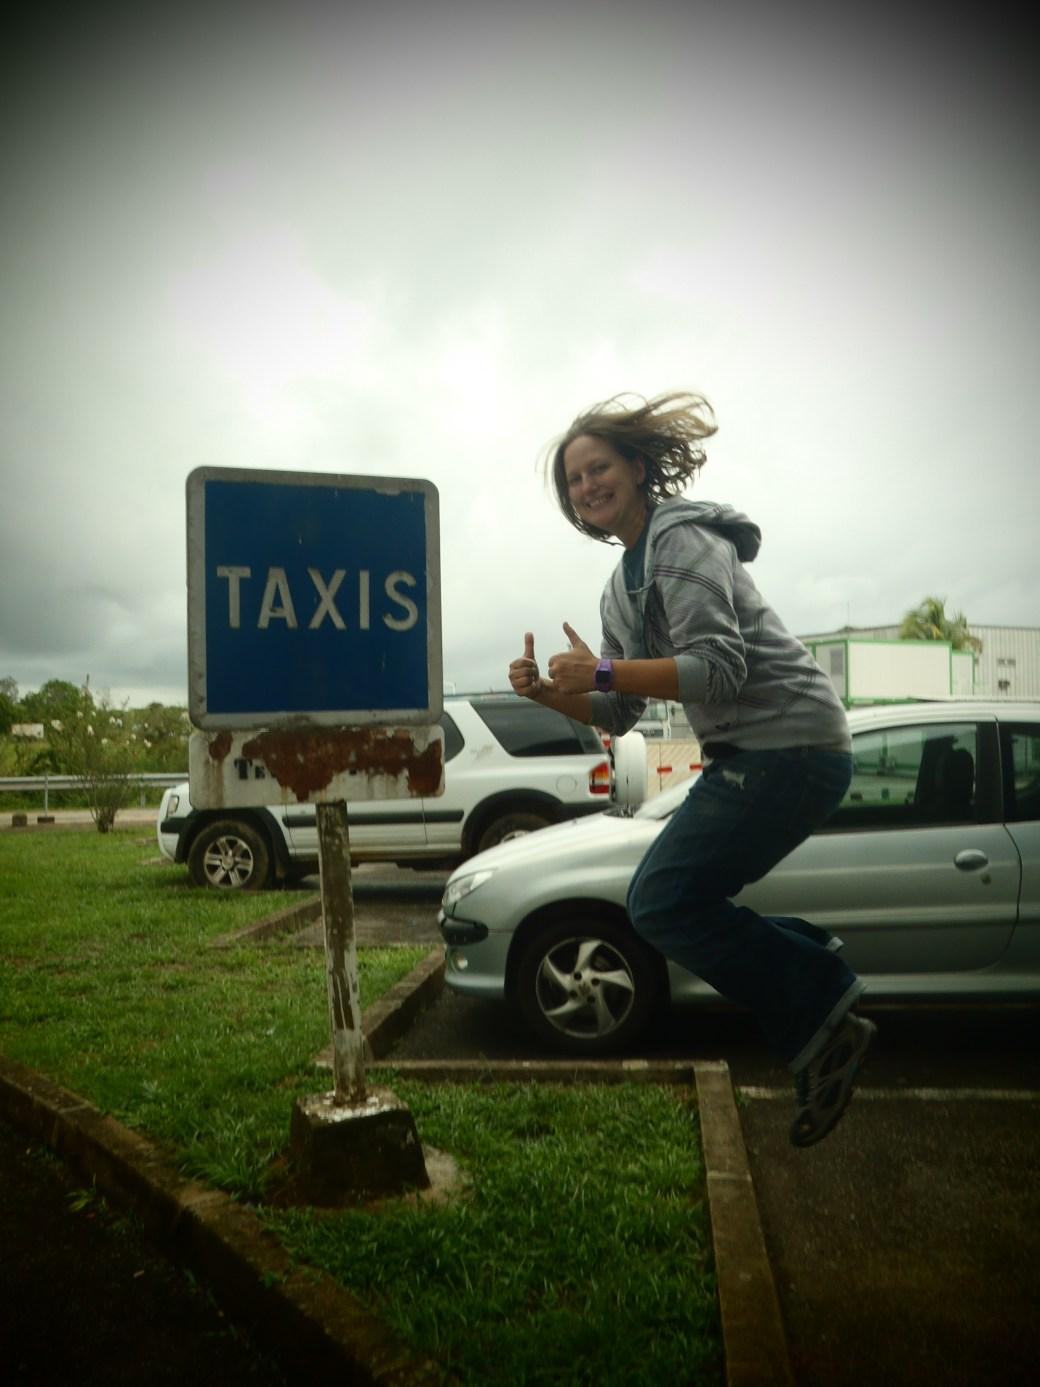 Signature Jumpin' Photograph; Cayenne, French Guiana; 2012